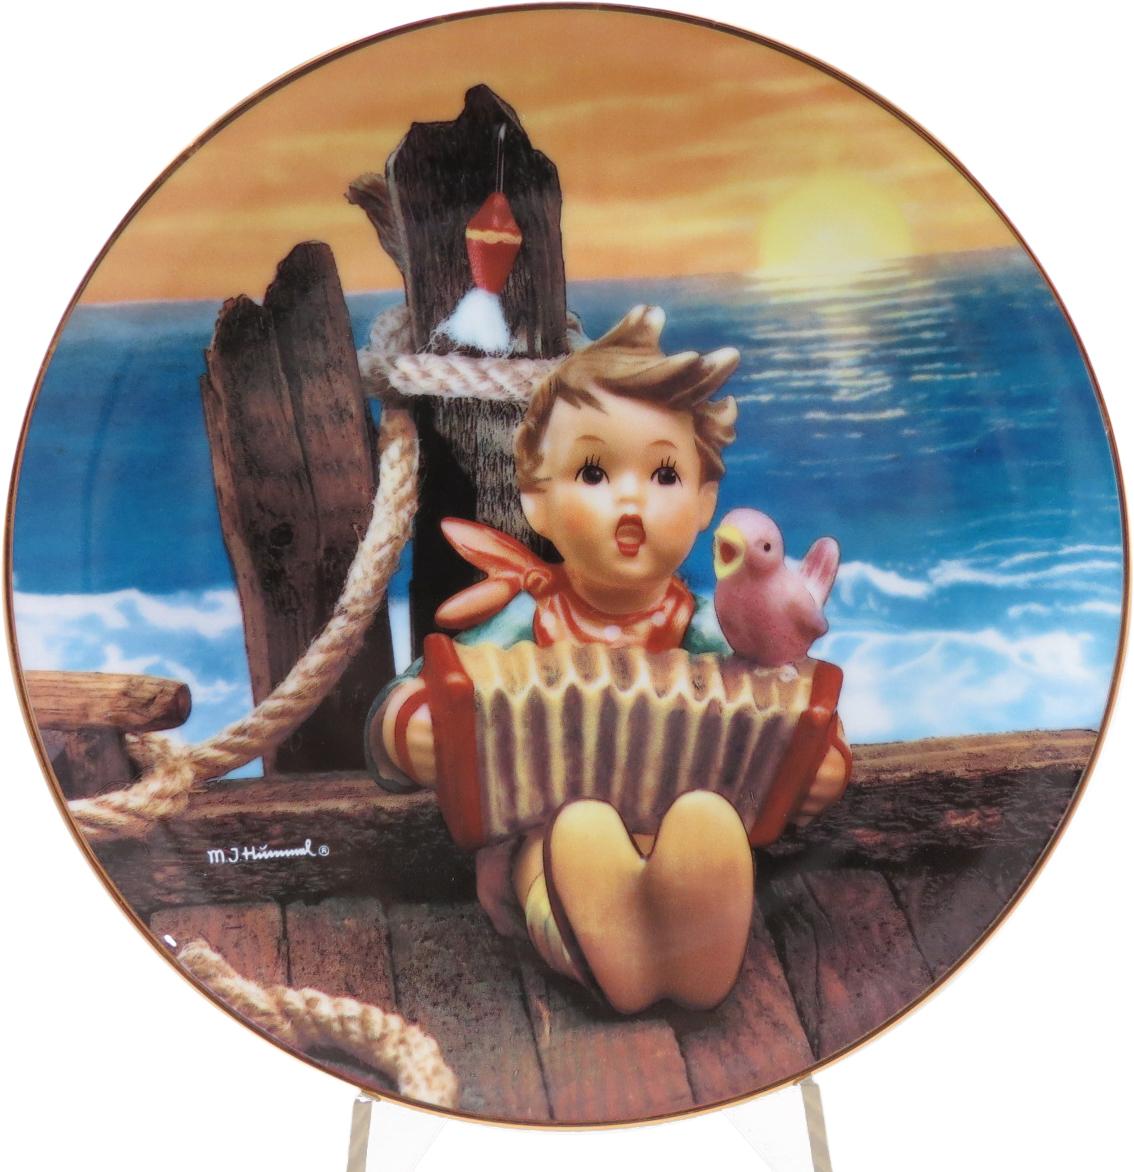 Декоративная коллекционная тарелка Нежные Друзья: Давайте петь. Фарфор, деколь, золочение, США, Хуммель, Danbury Mint, 1991 декоративная тарелка danbury mint официальные парусники дания фарфор деколь золочение сша 1980